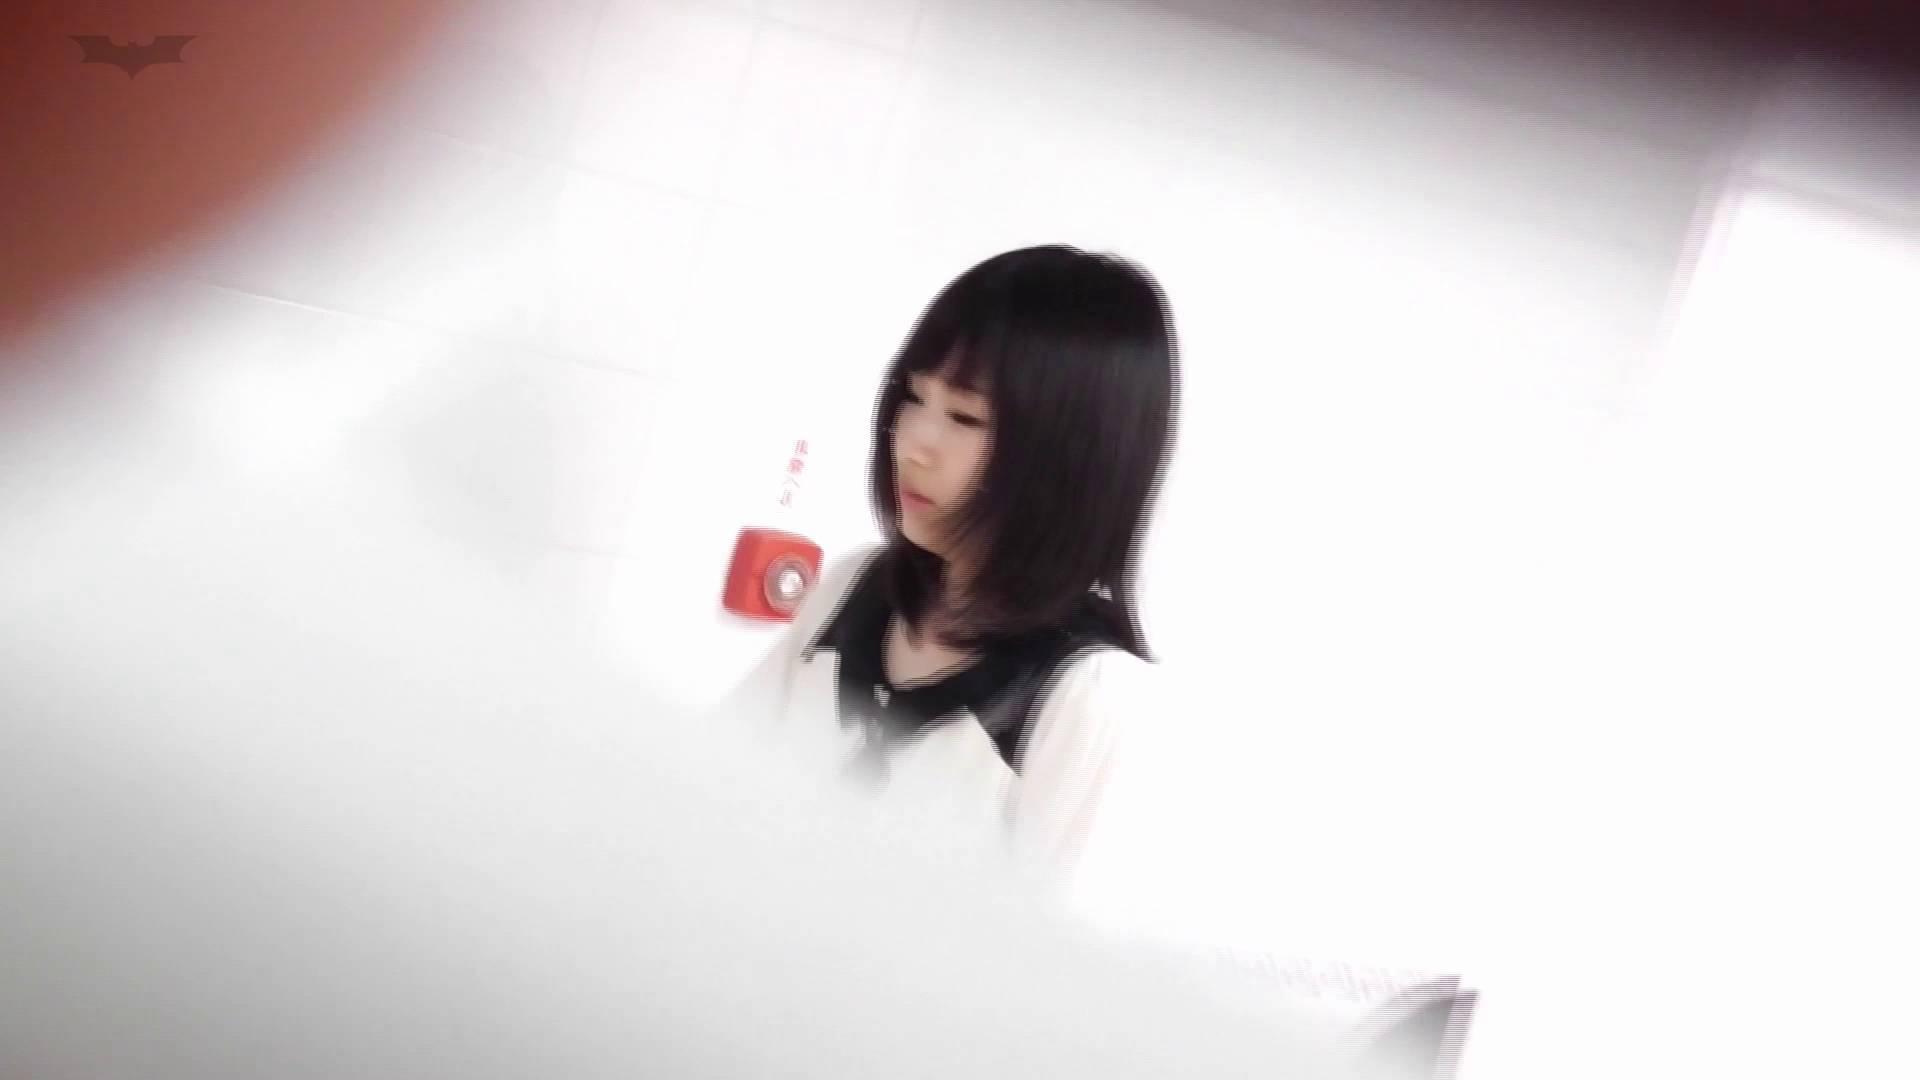 美しい日本の未来 No.22 未来進歩3 感動レベル【2015・12位】 エッチなモデル  102枚 26